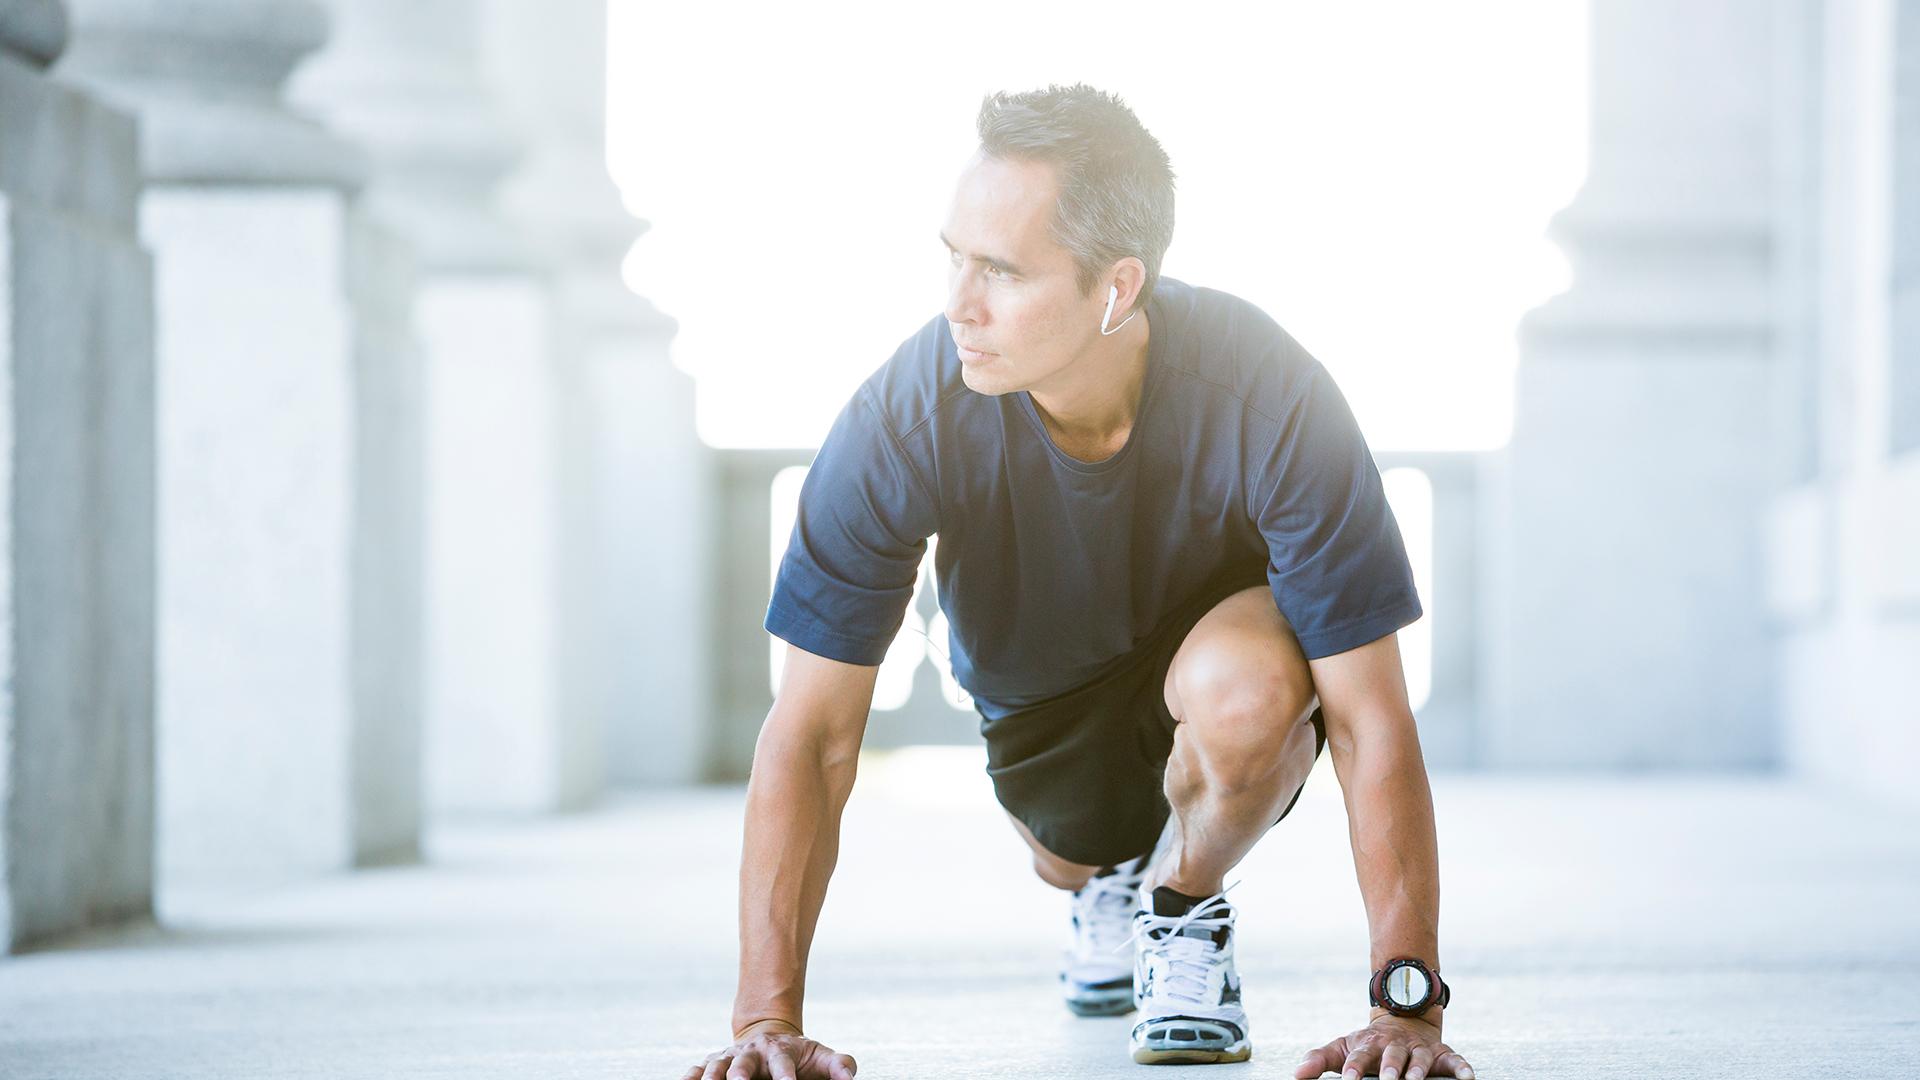 Imagen de un hombre estirando para hacer ejercicio